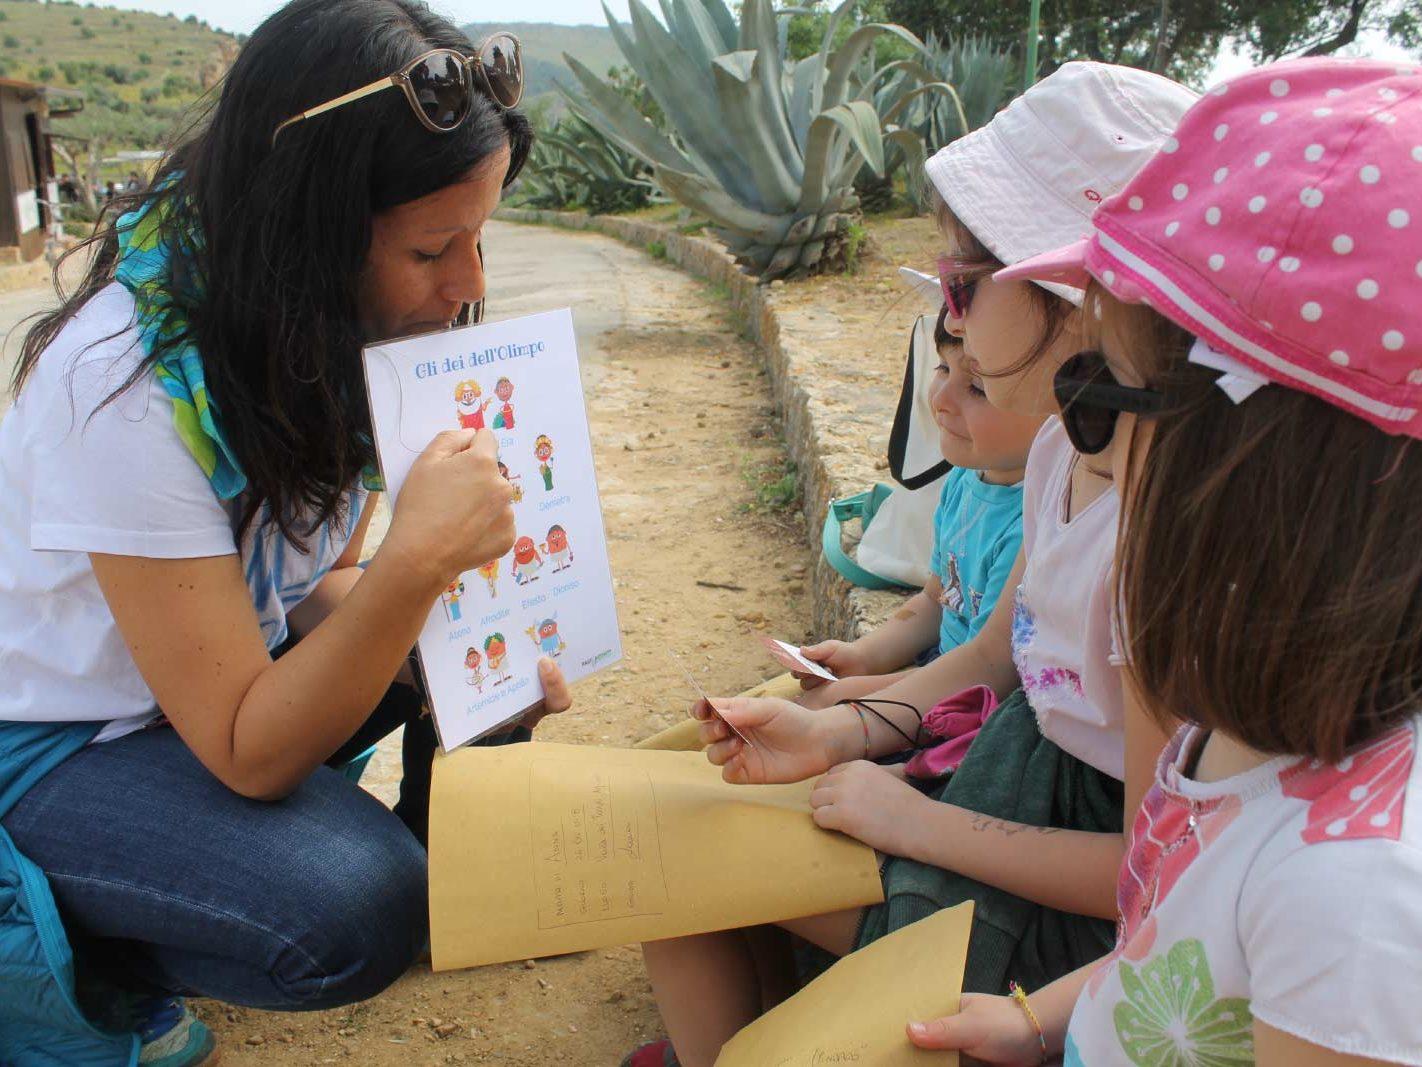 La guida Laura Danile presenta gli dei greci ai bambini utilizzando una immagine a colori durante un family tour